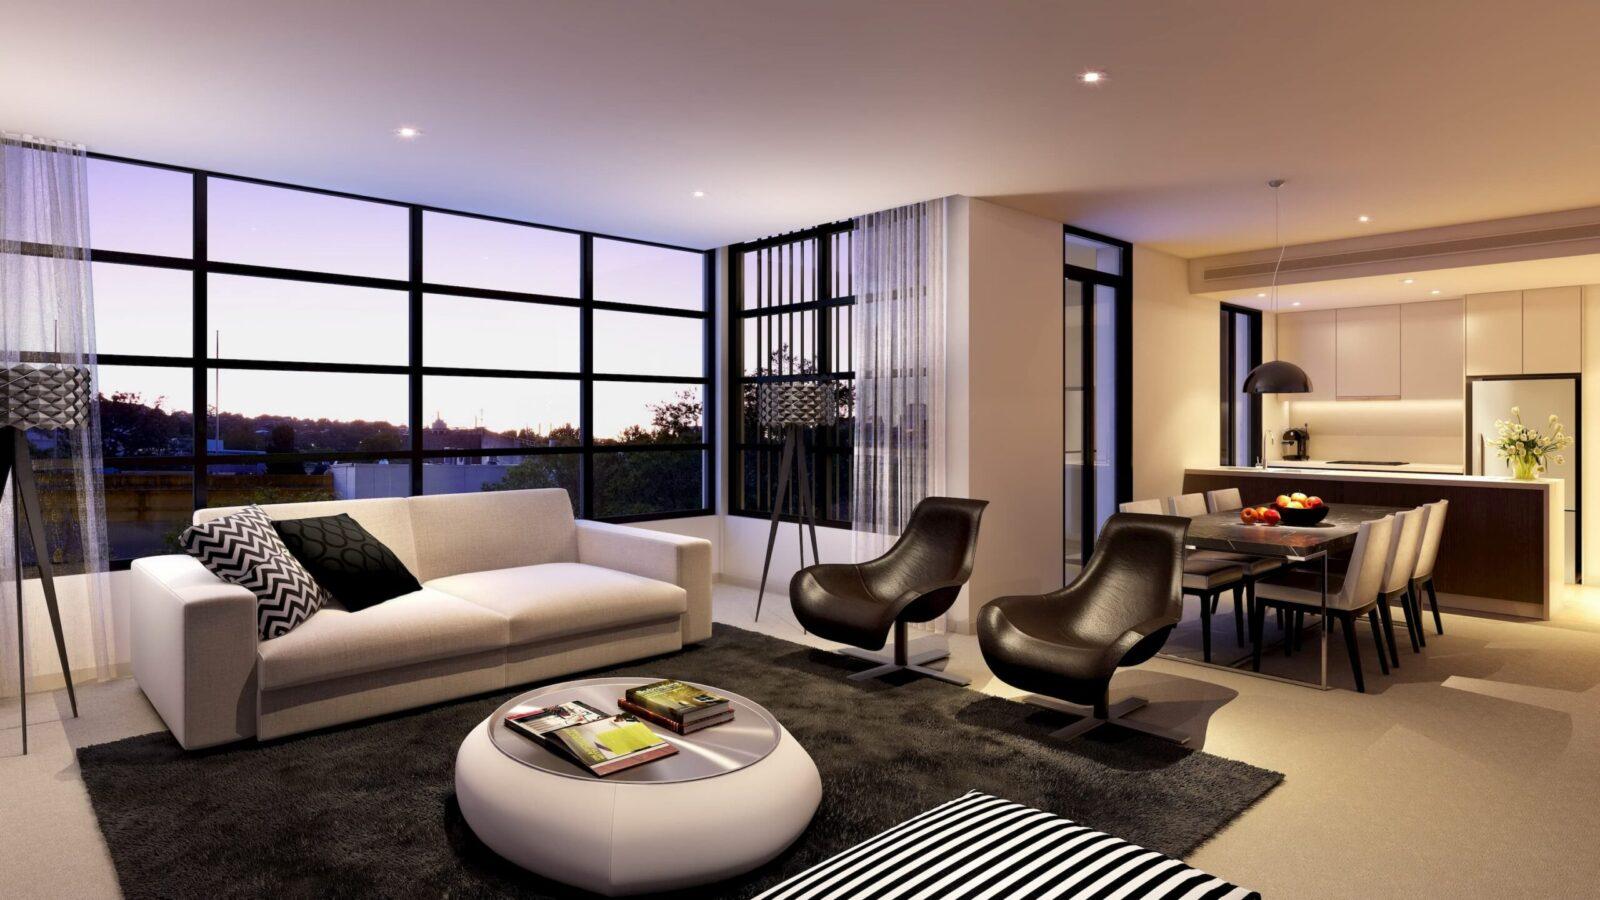 просторная гостиная-столовая в современном интерьере